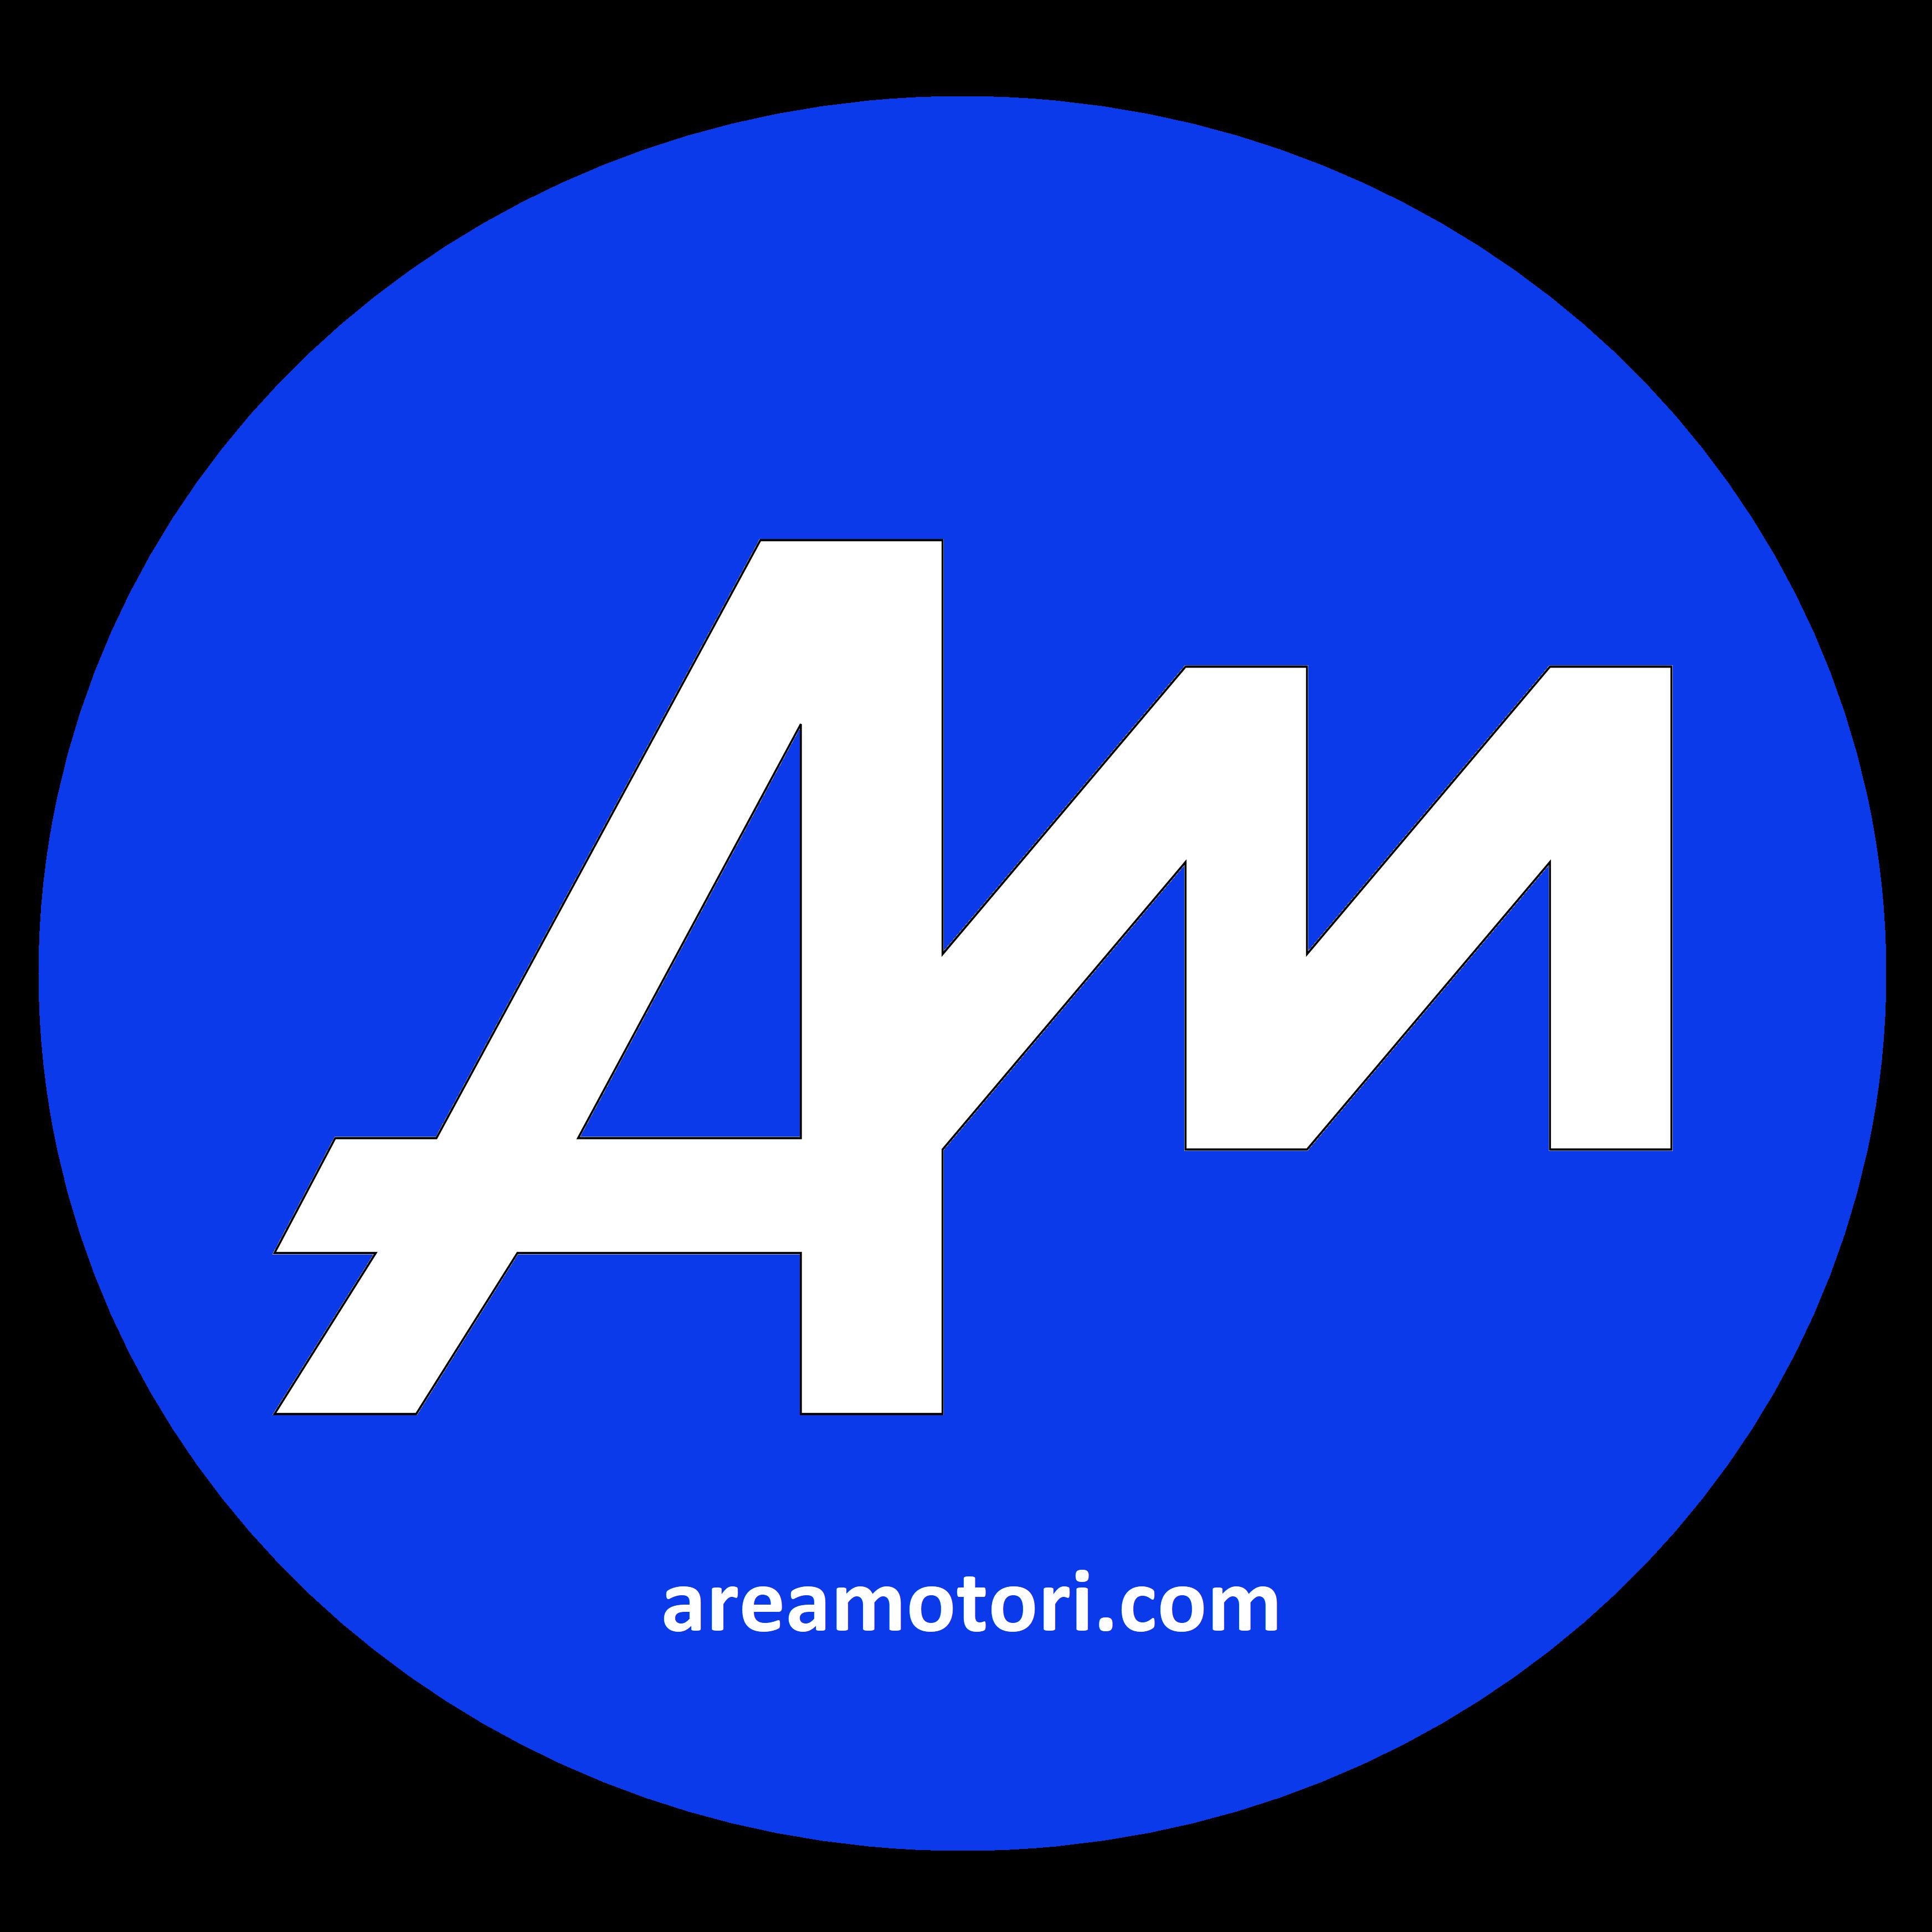 areamotori.com